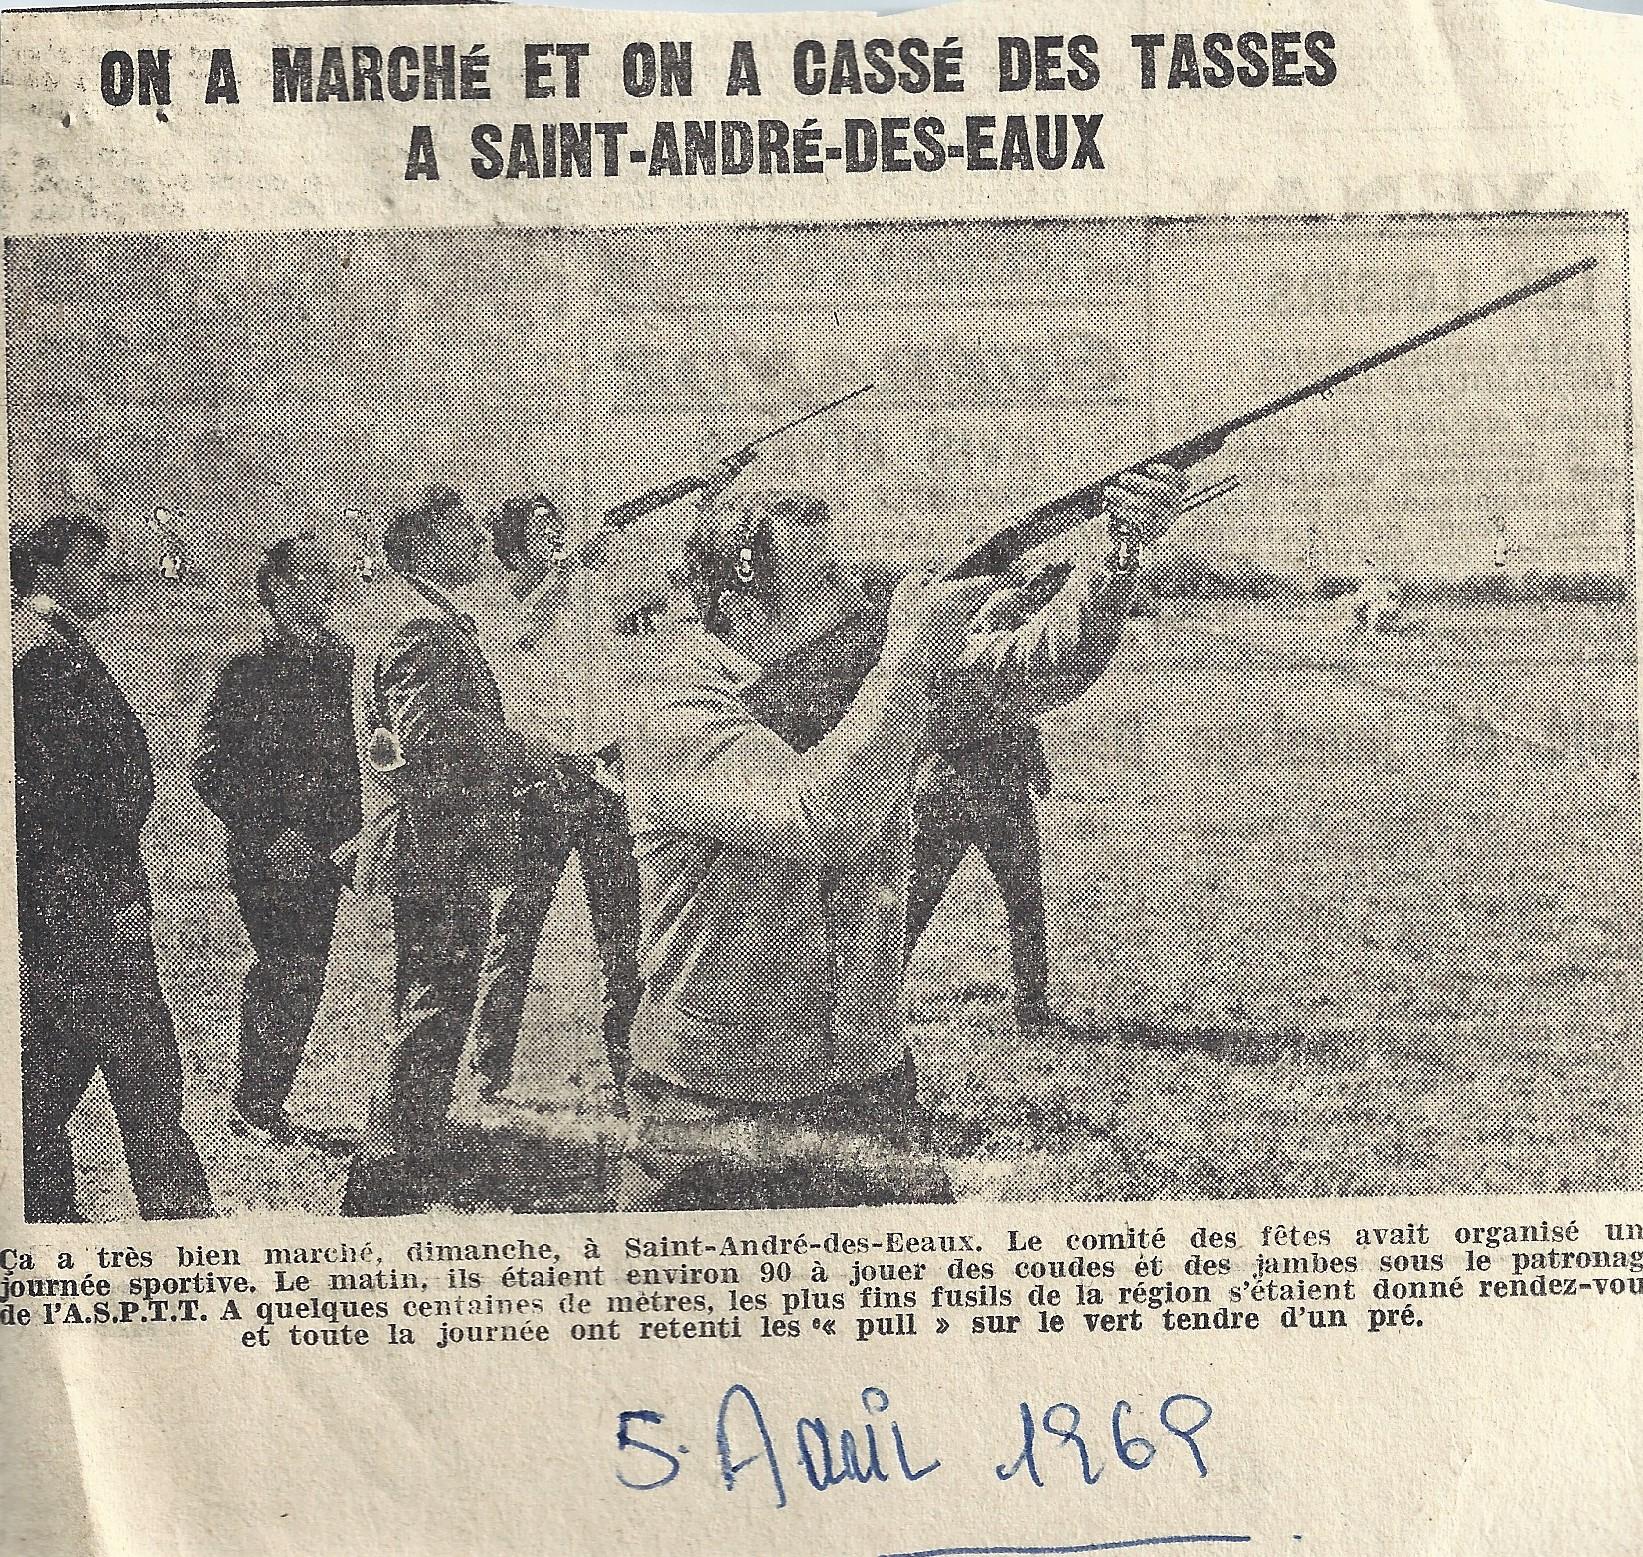 COMITE DES FETES  5 AVRIL 1969